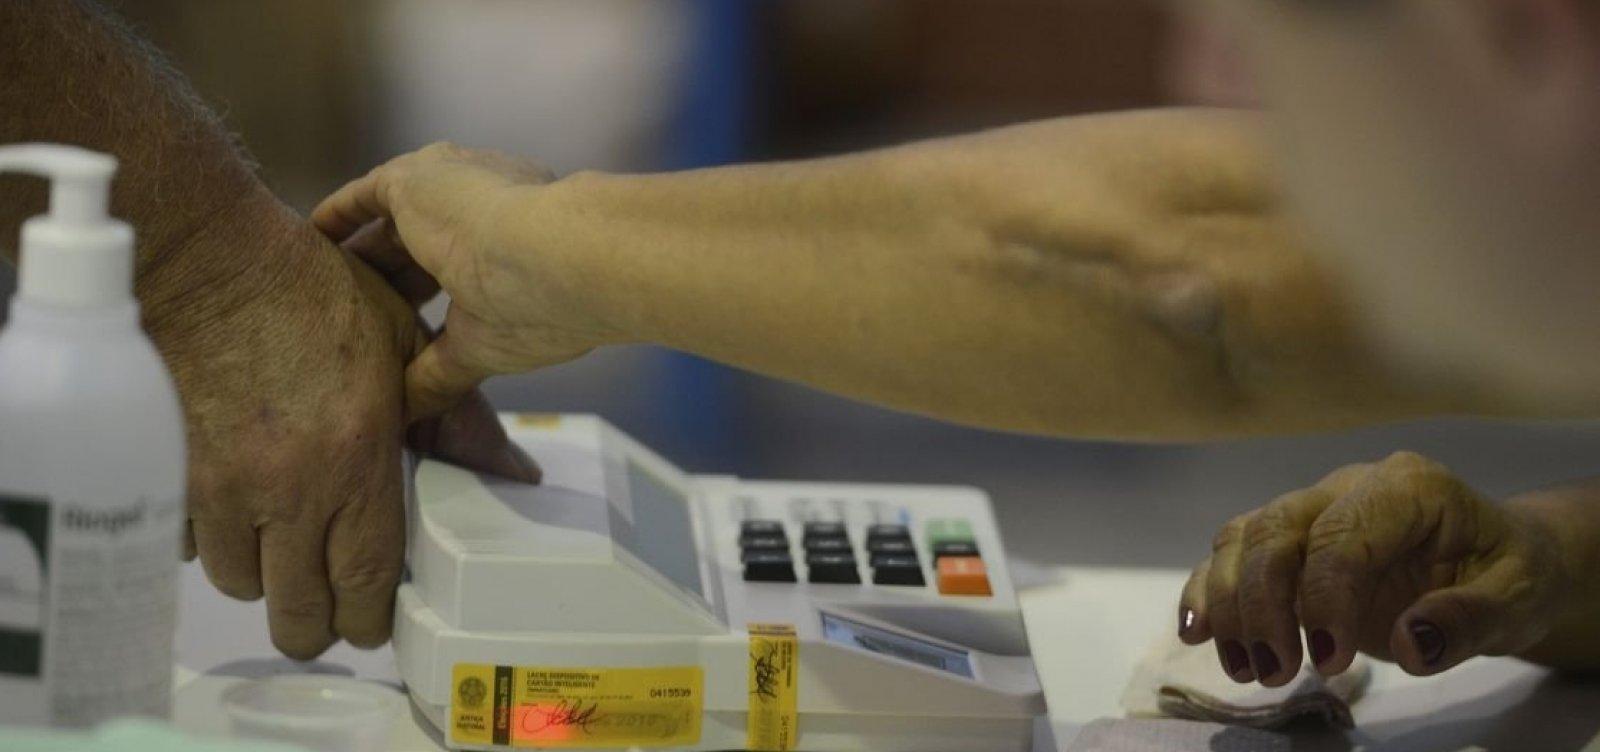 Eleitores de 38 cidades baianas devem fazer biometria a partir de hoje; veja lista